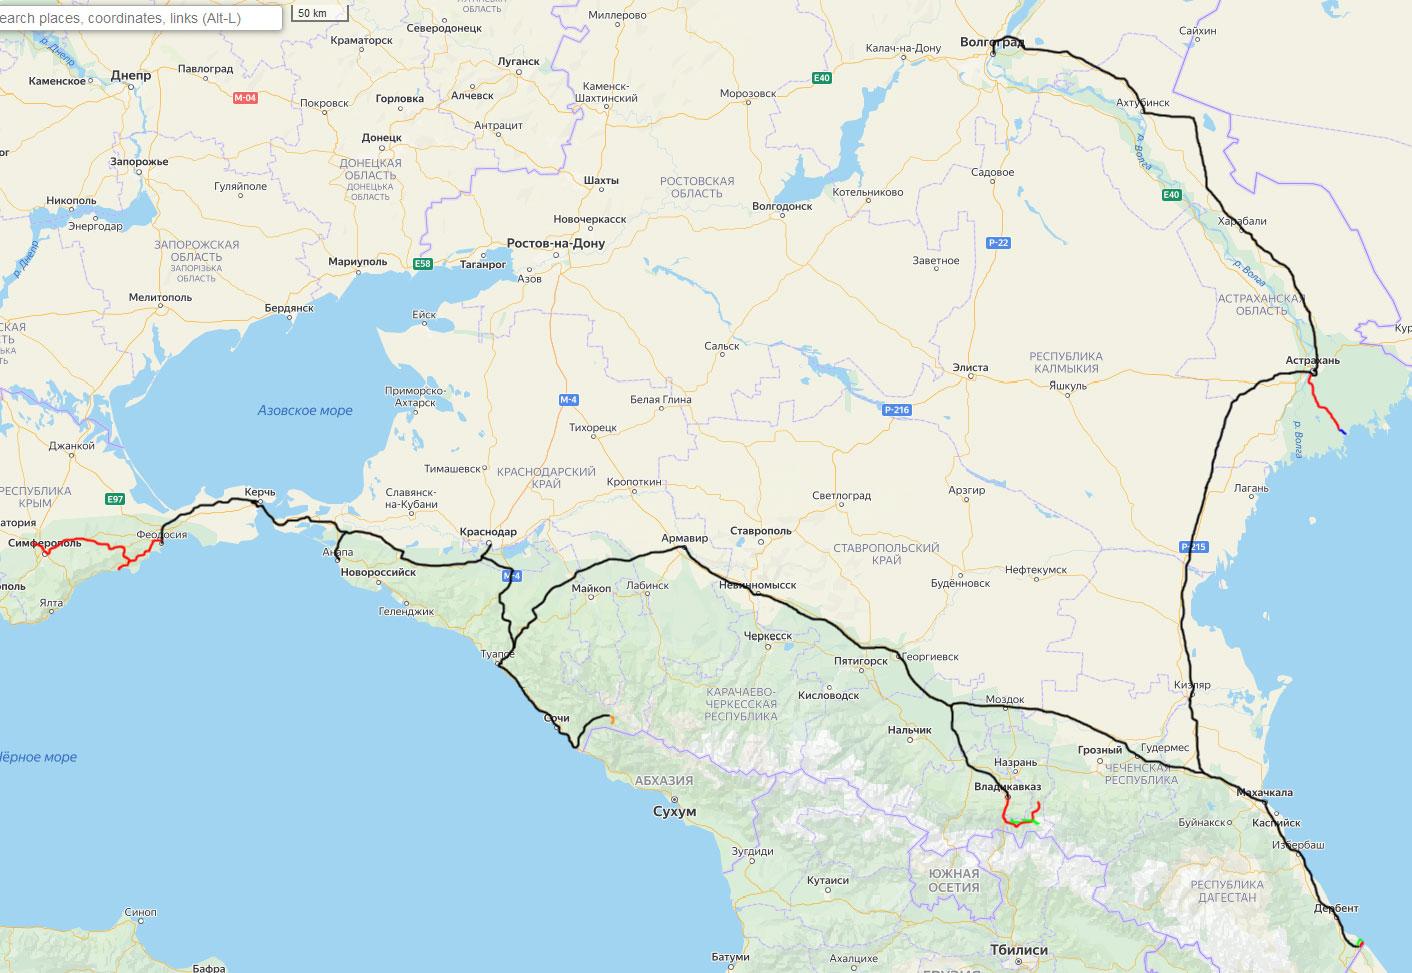 Карта летнего путешествия